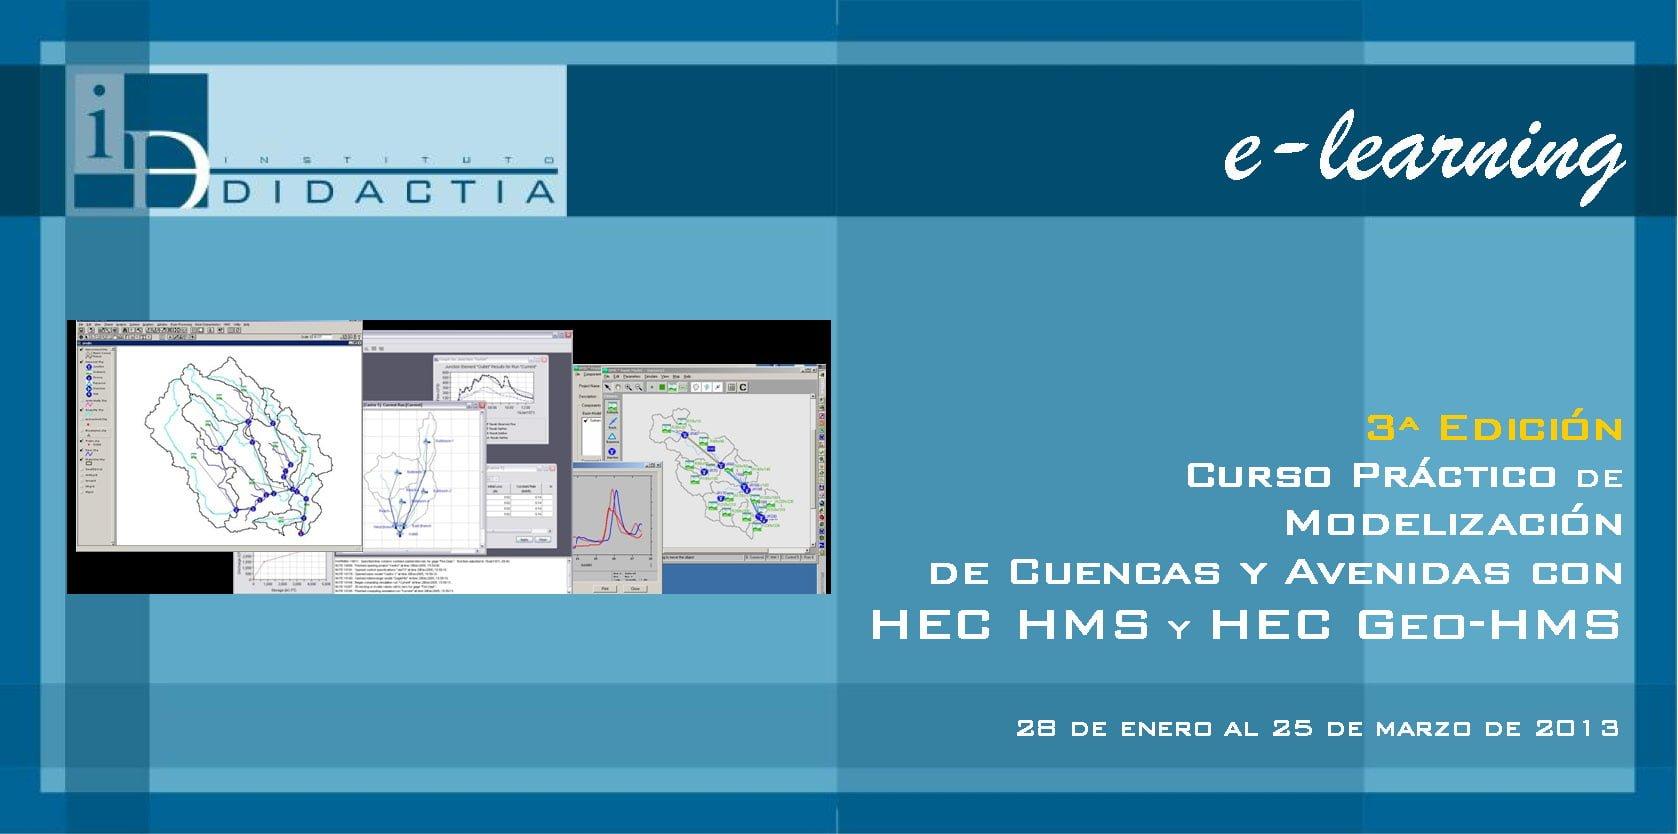 3ª Edición online HMS_Página_1